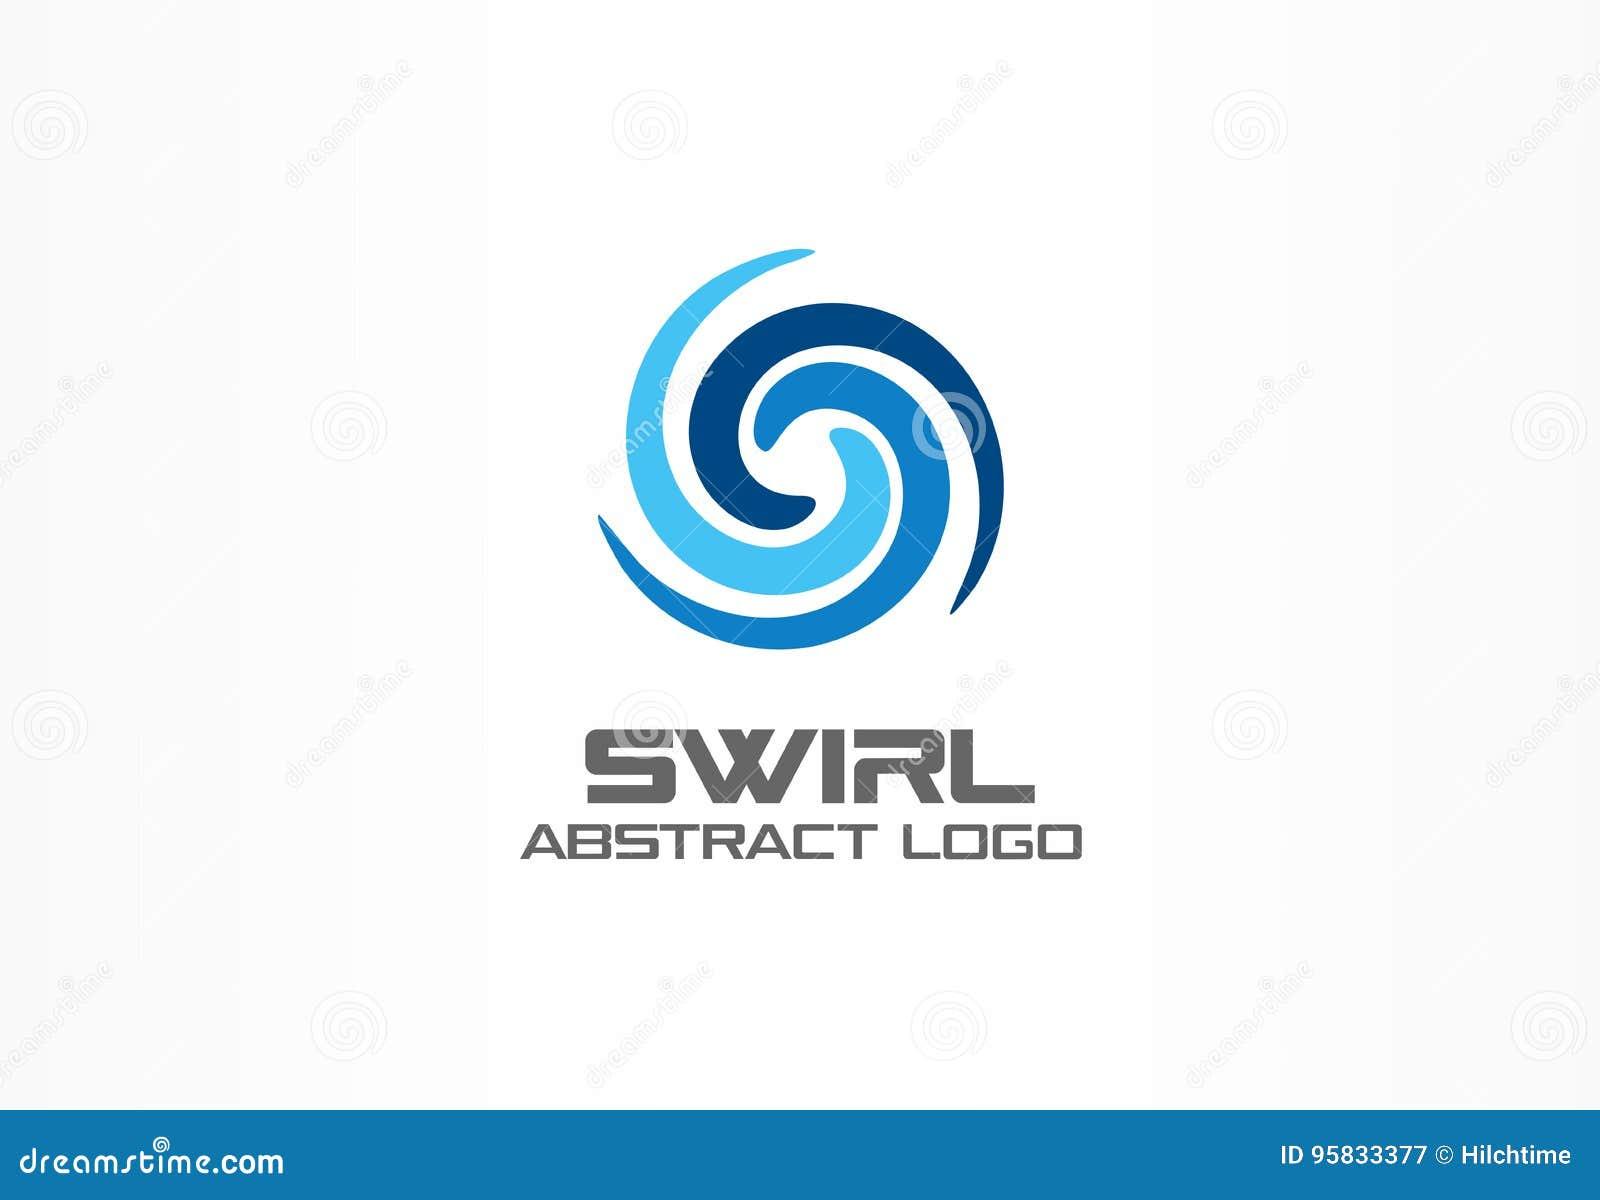 Abstract embleem voor bedrijf Eco, aard, draaikolk, kuuroord, het idee van Logotype van de aquawerveling Water spiraalvormige, bl